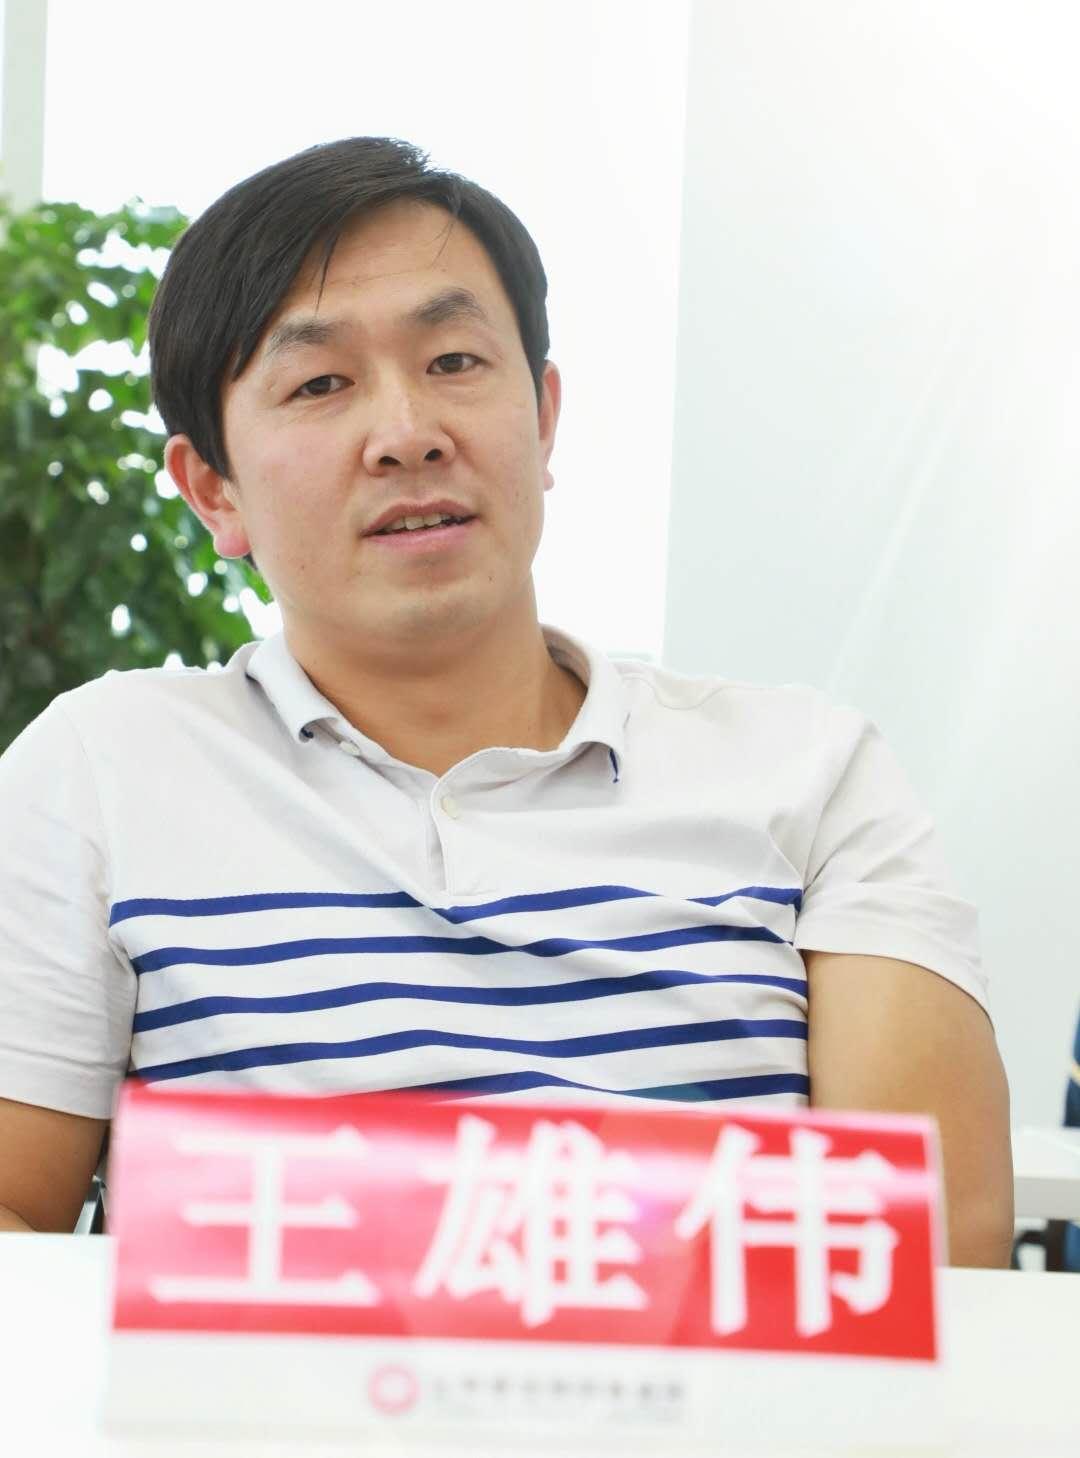 王雄伟律师:律师如何办理取保候审?